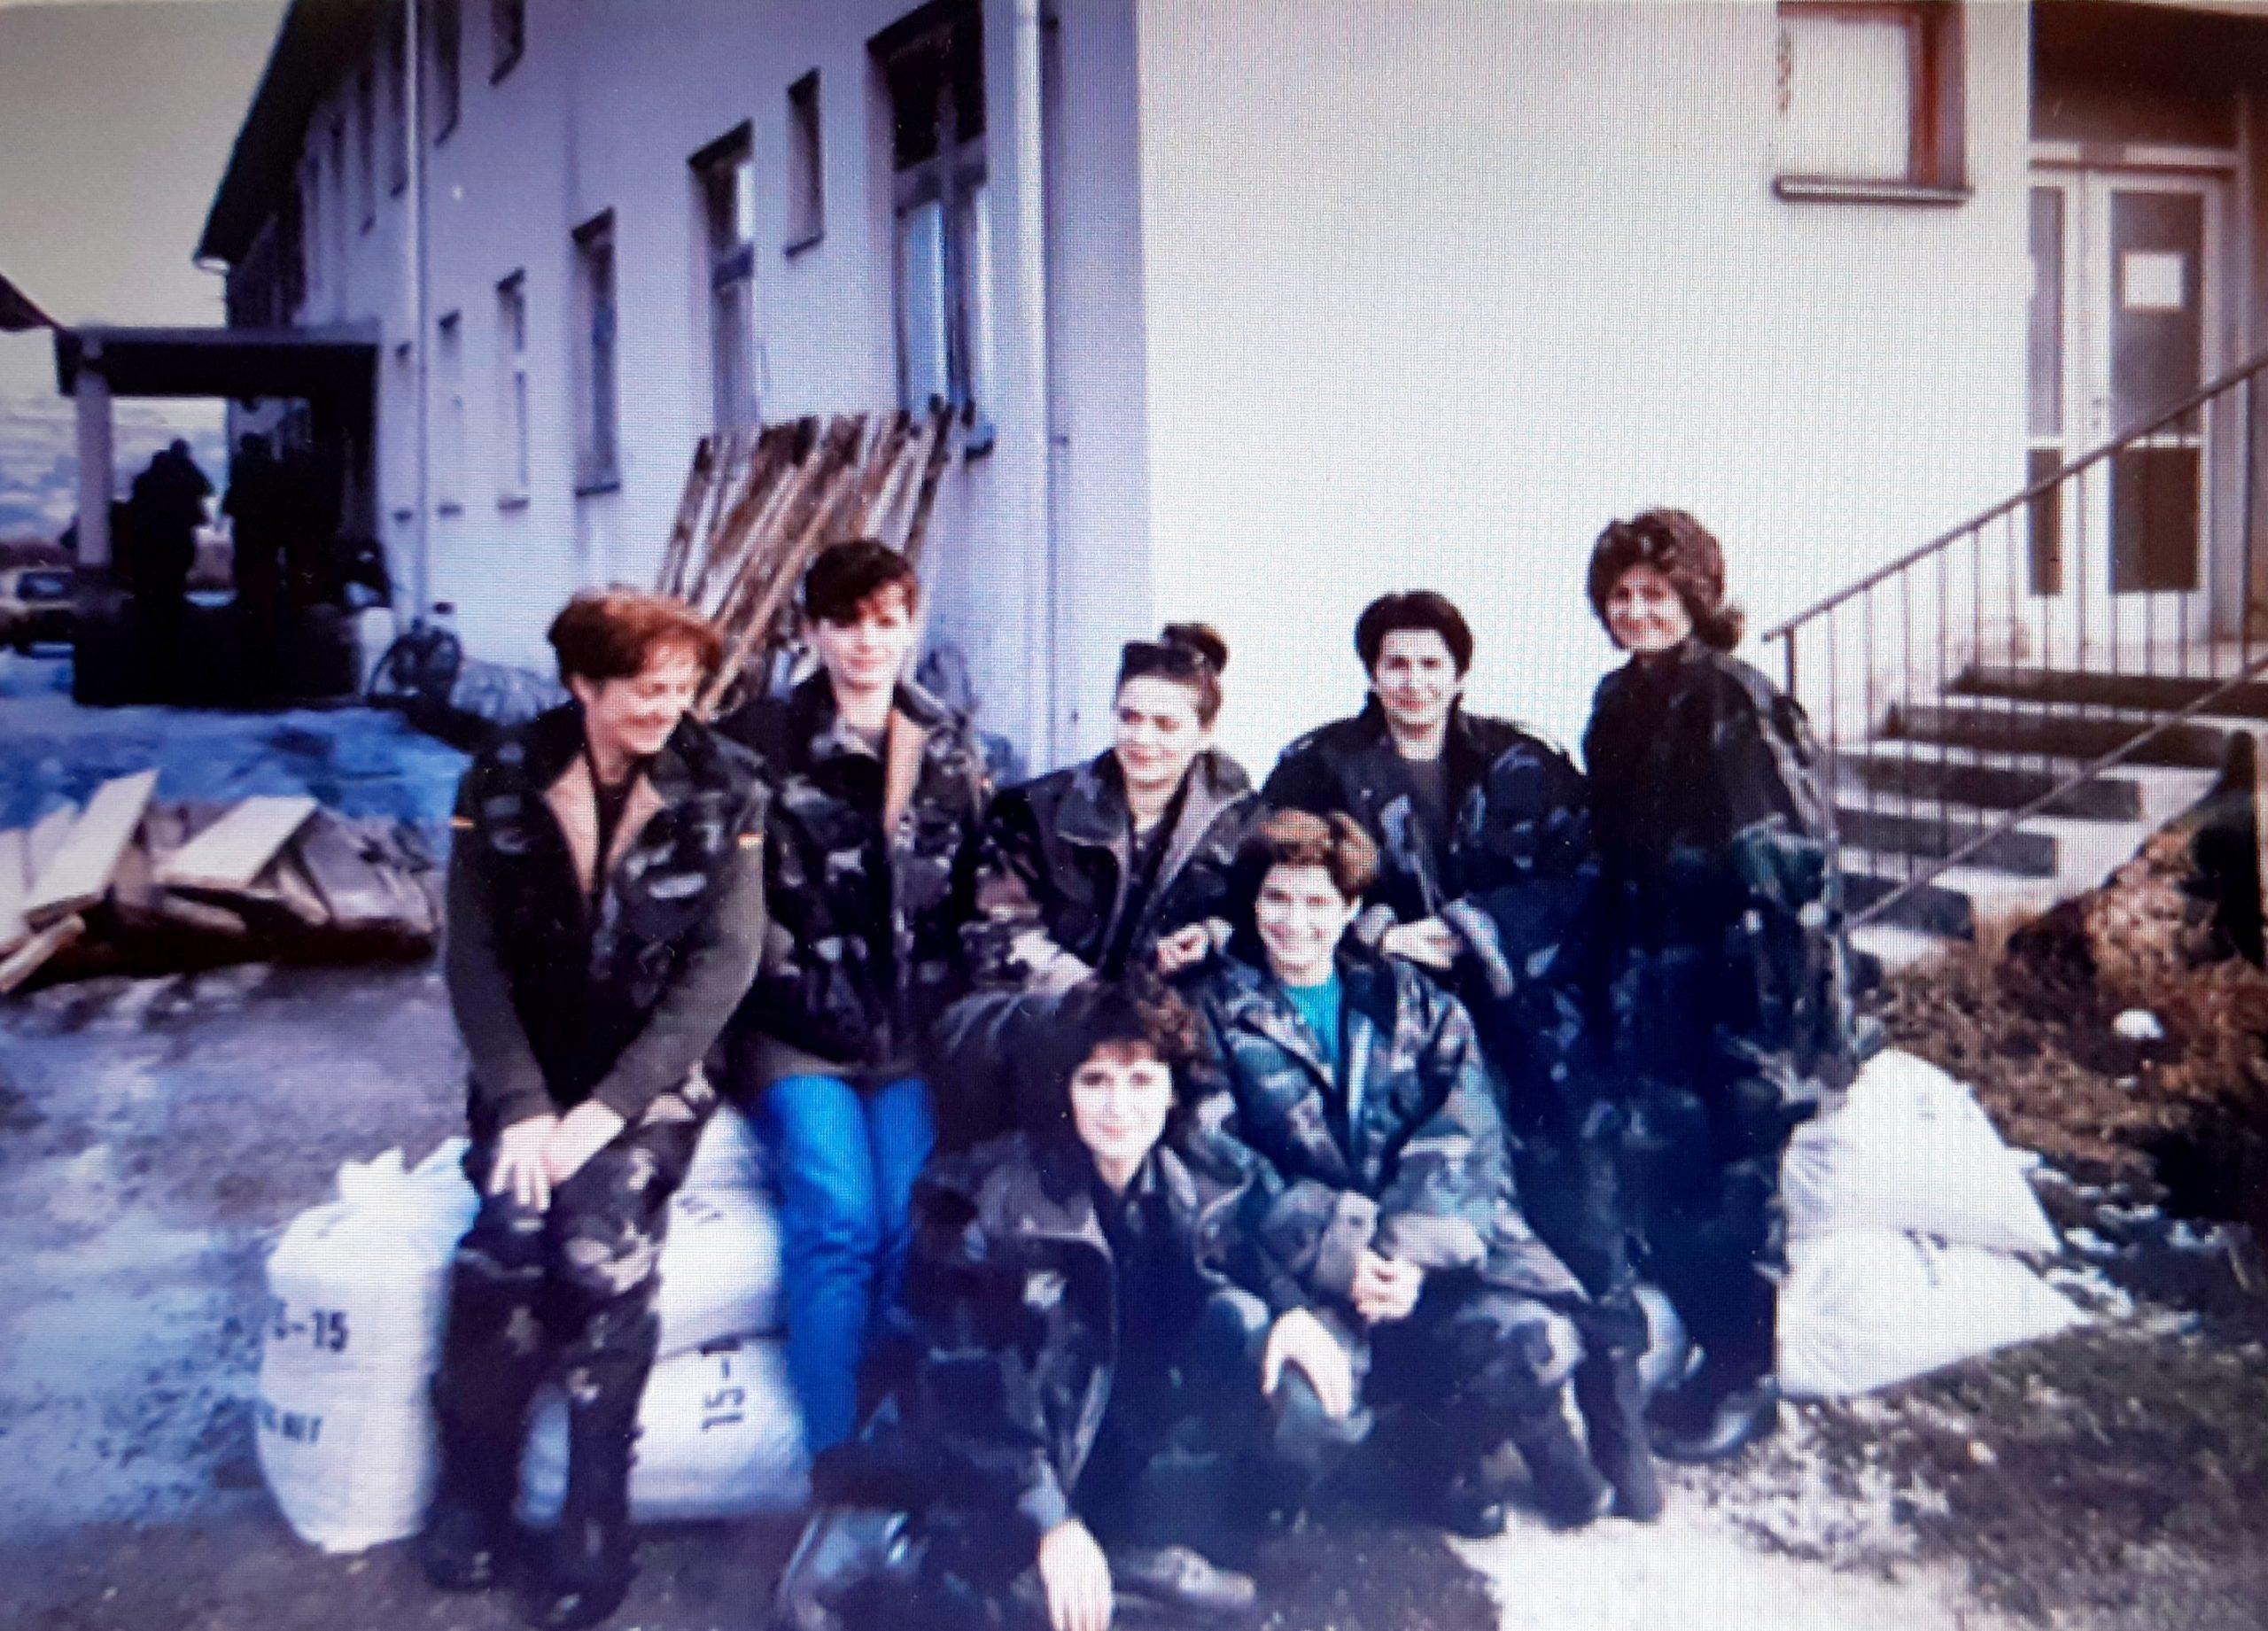 Riječka medicinska ekipa u Brinju na samom početku rata, 1991. godine Foto ELI šUPERINA MANDIĆ